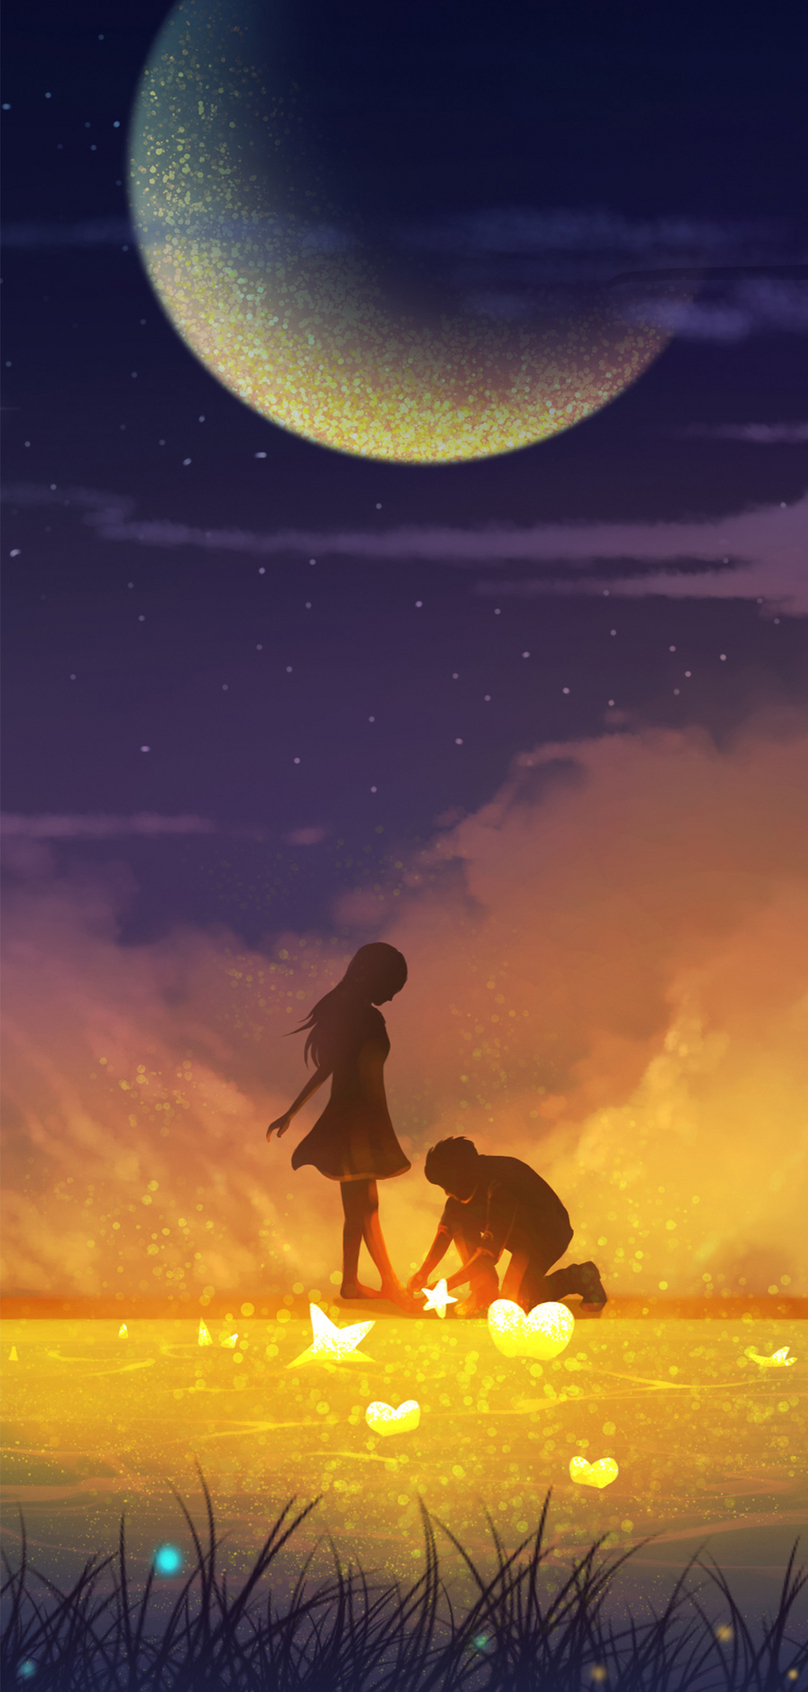 夜空の下でカップルの携帯電話の壁紙イメージ 背景 Id 400315183 Prf